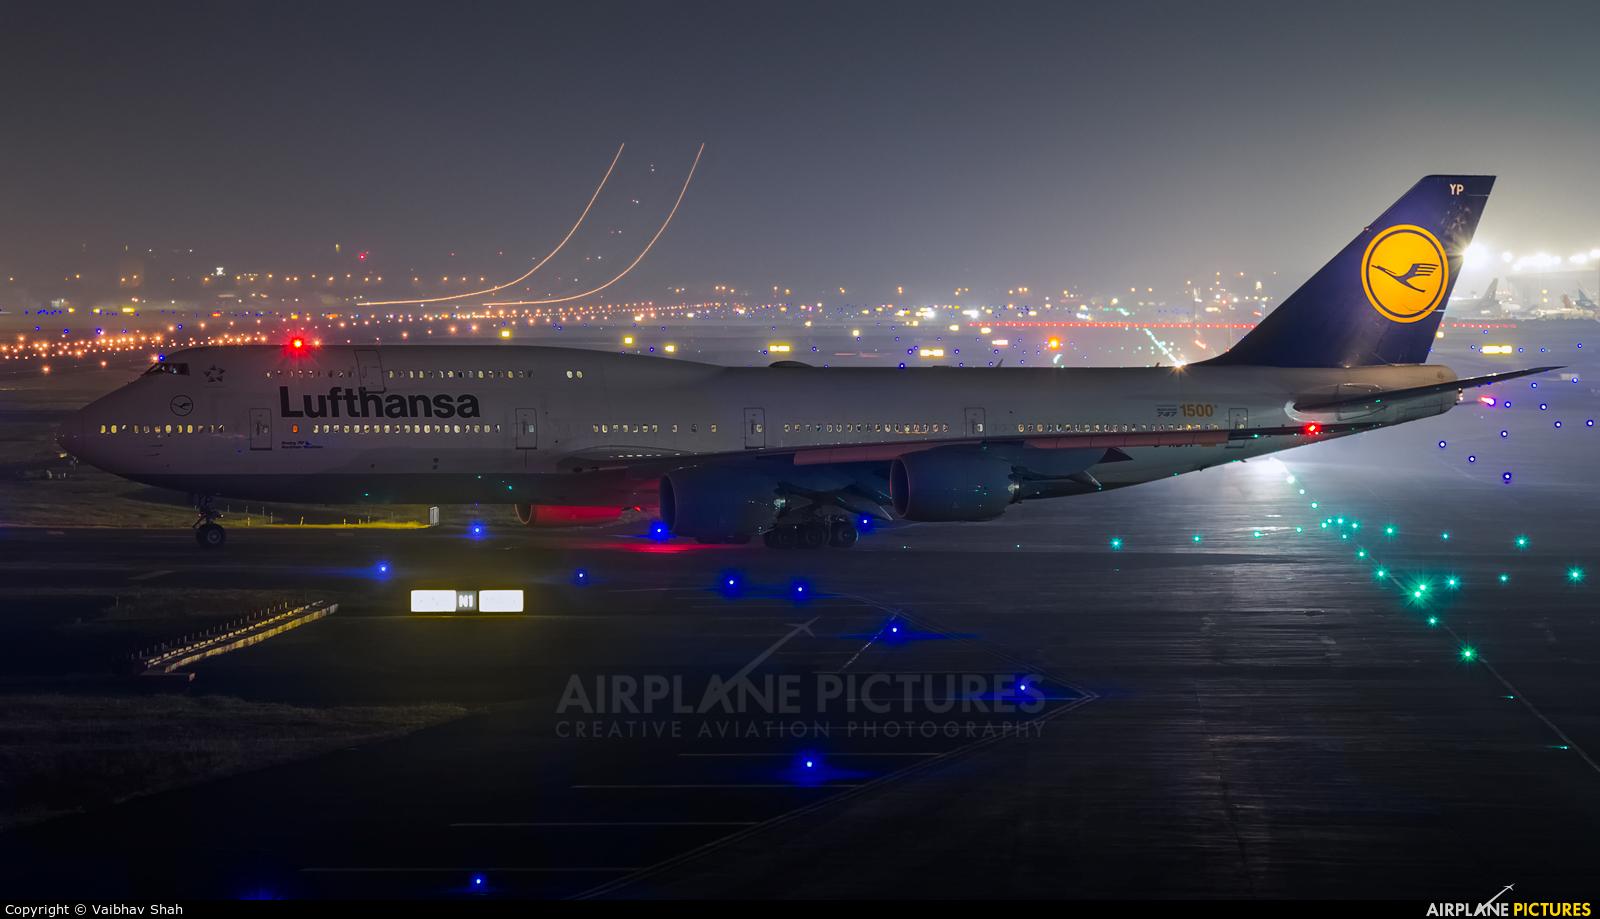 Lufthansa D-ABYP aircraft at Mumbai - Chhatrapati Shivaji Intl